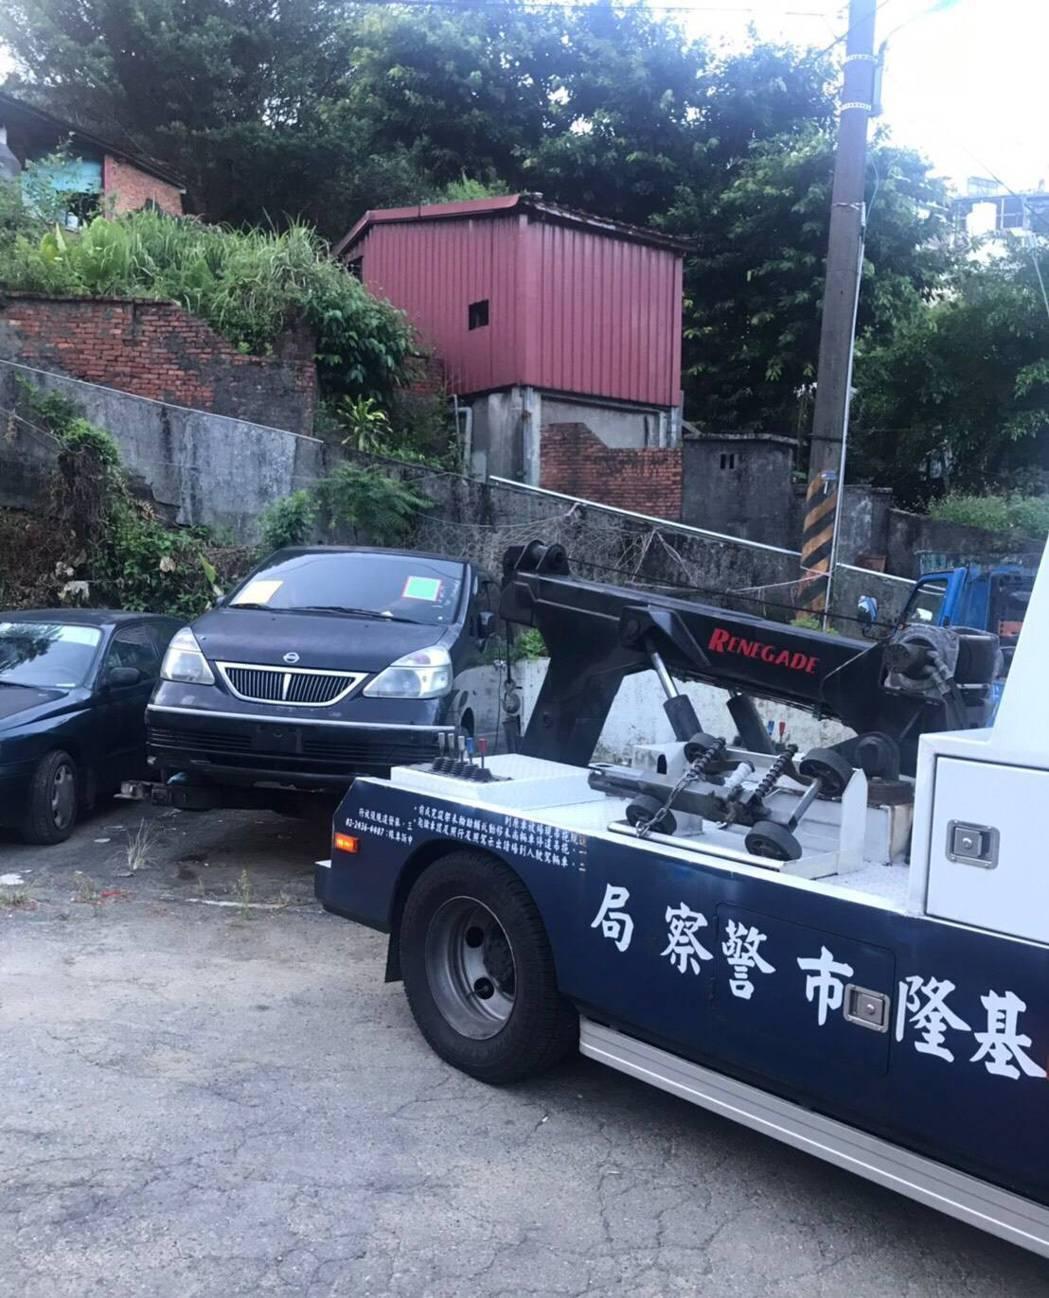 基隆無牌車占停車位3年無法解決,林右昌一怒1天拖走。圖/基隆市政府提供